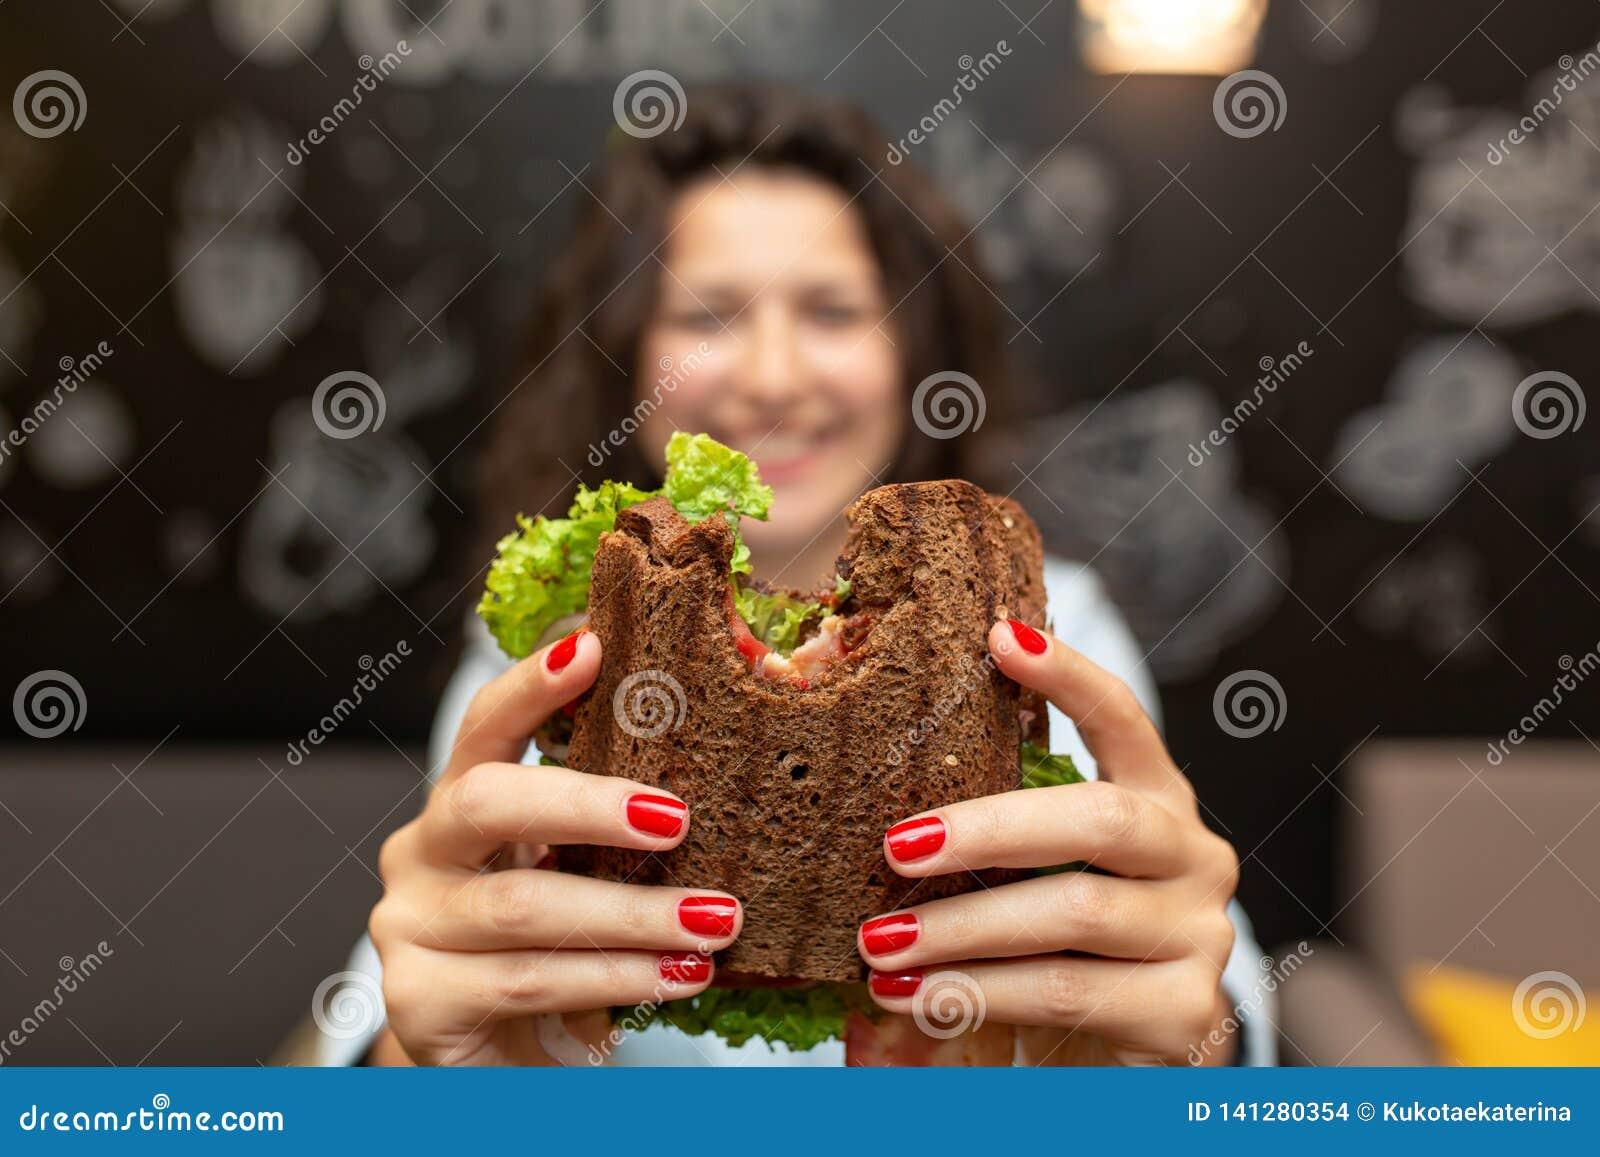 Protrait borrado engraçado do close up do sanduíche mordido posse da jovem mulher por suas duas mãos Sanduíche no foco Fundo escu